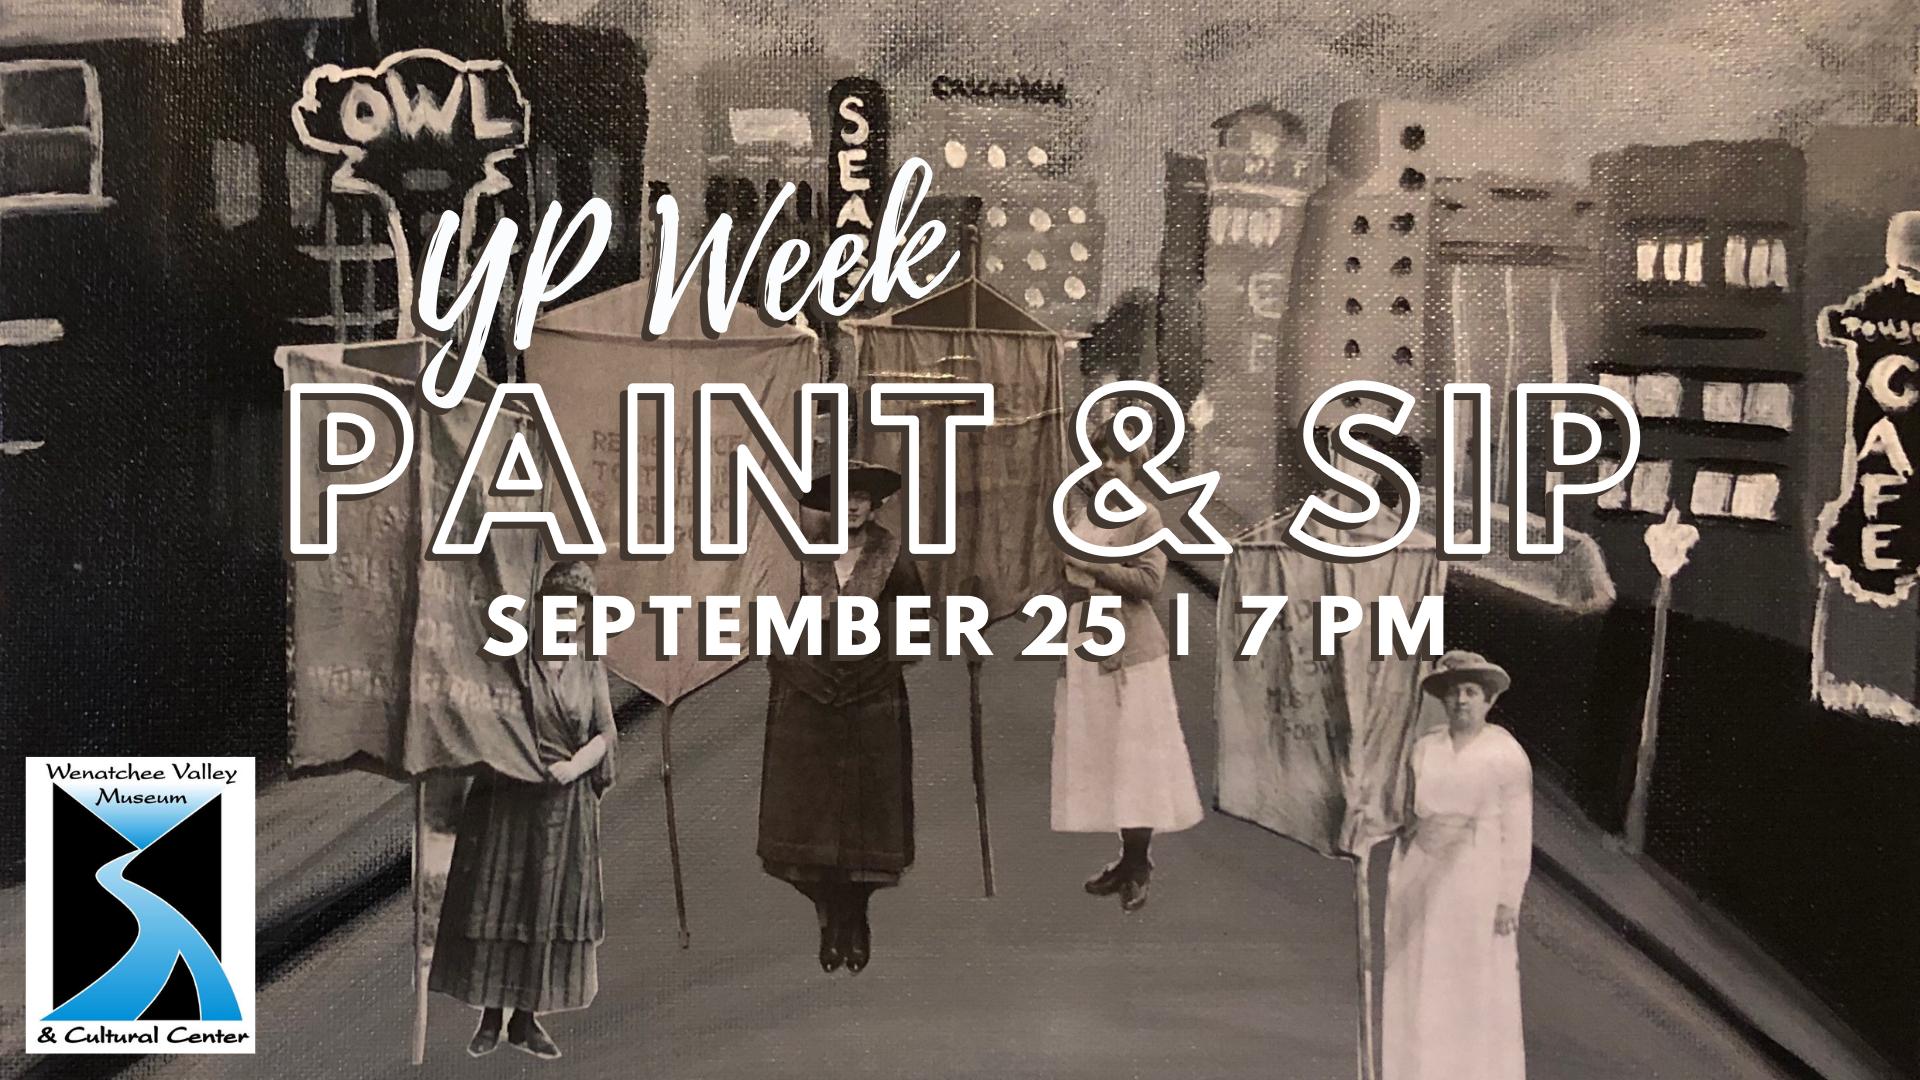 YP Week Paint & Sip